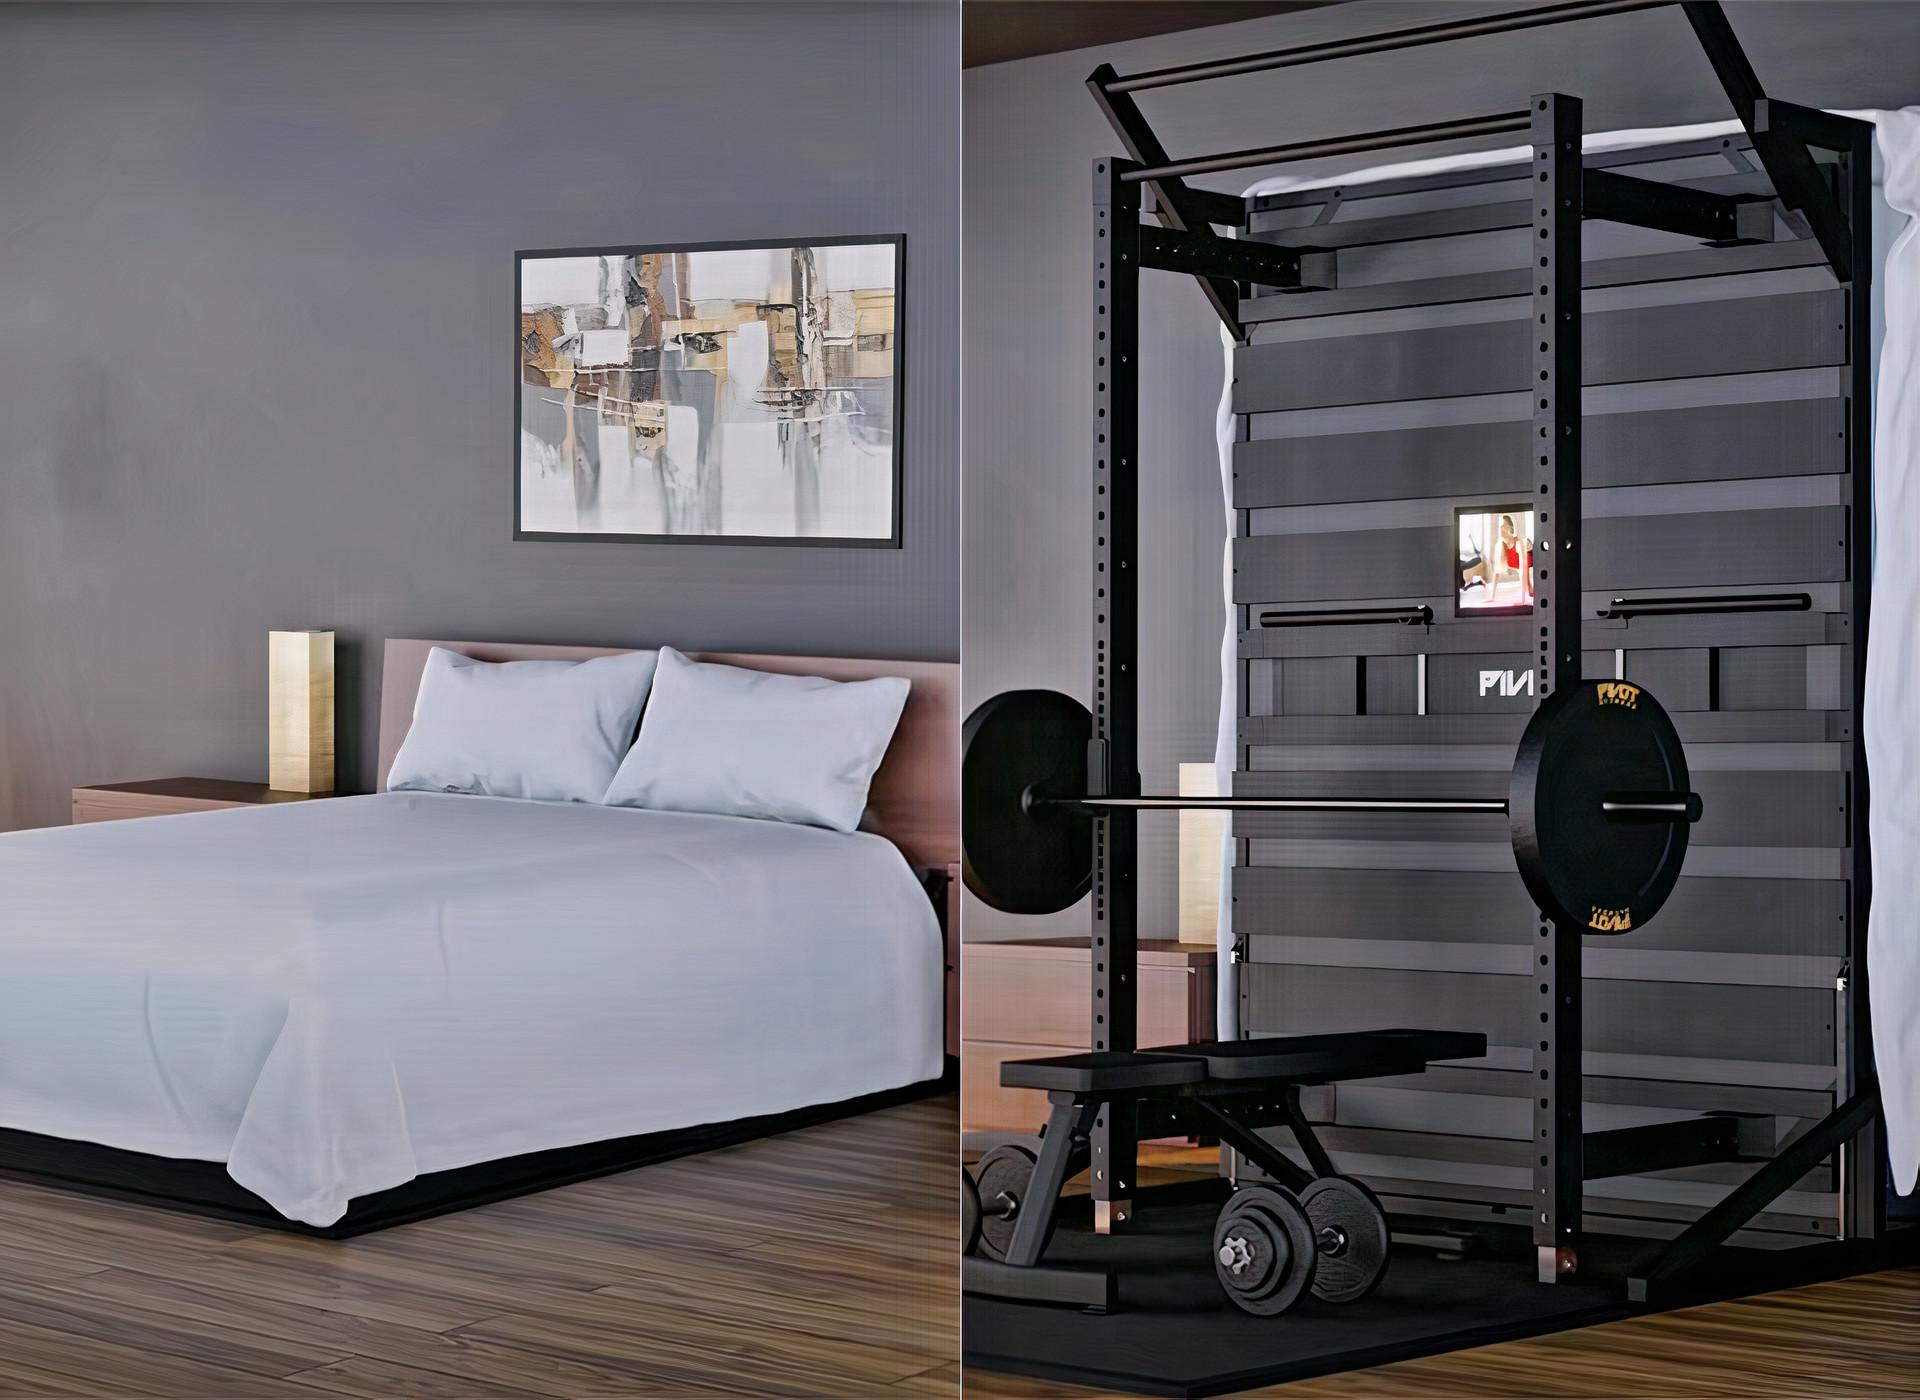 ¡Increíble! Una cama con soporte eléctrico que funciona como gimnasio